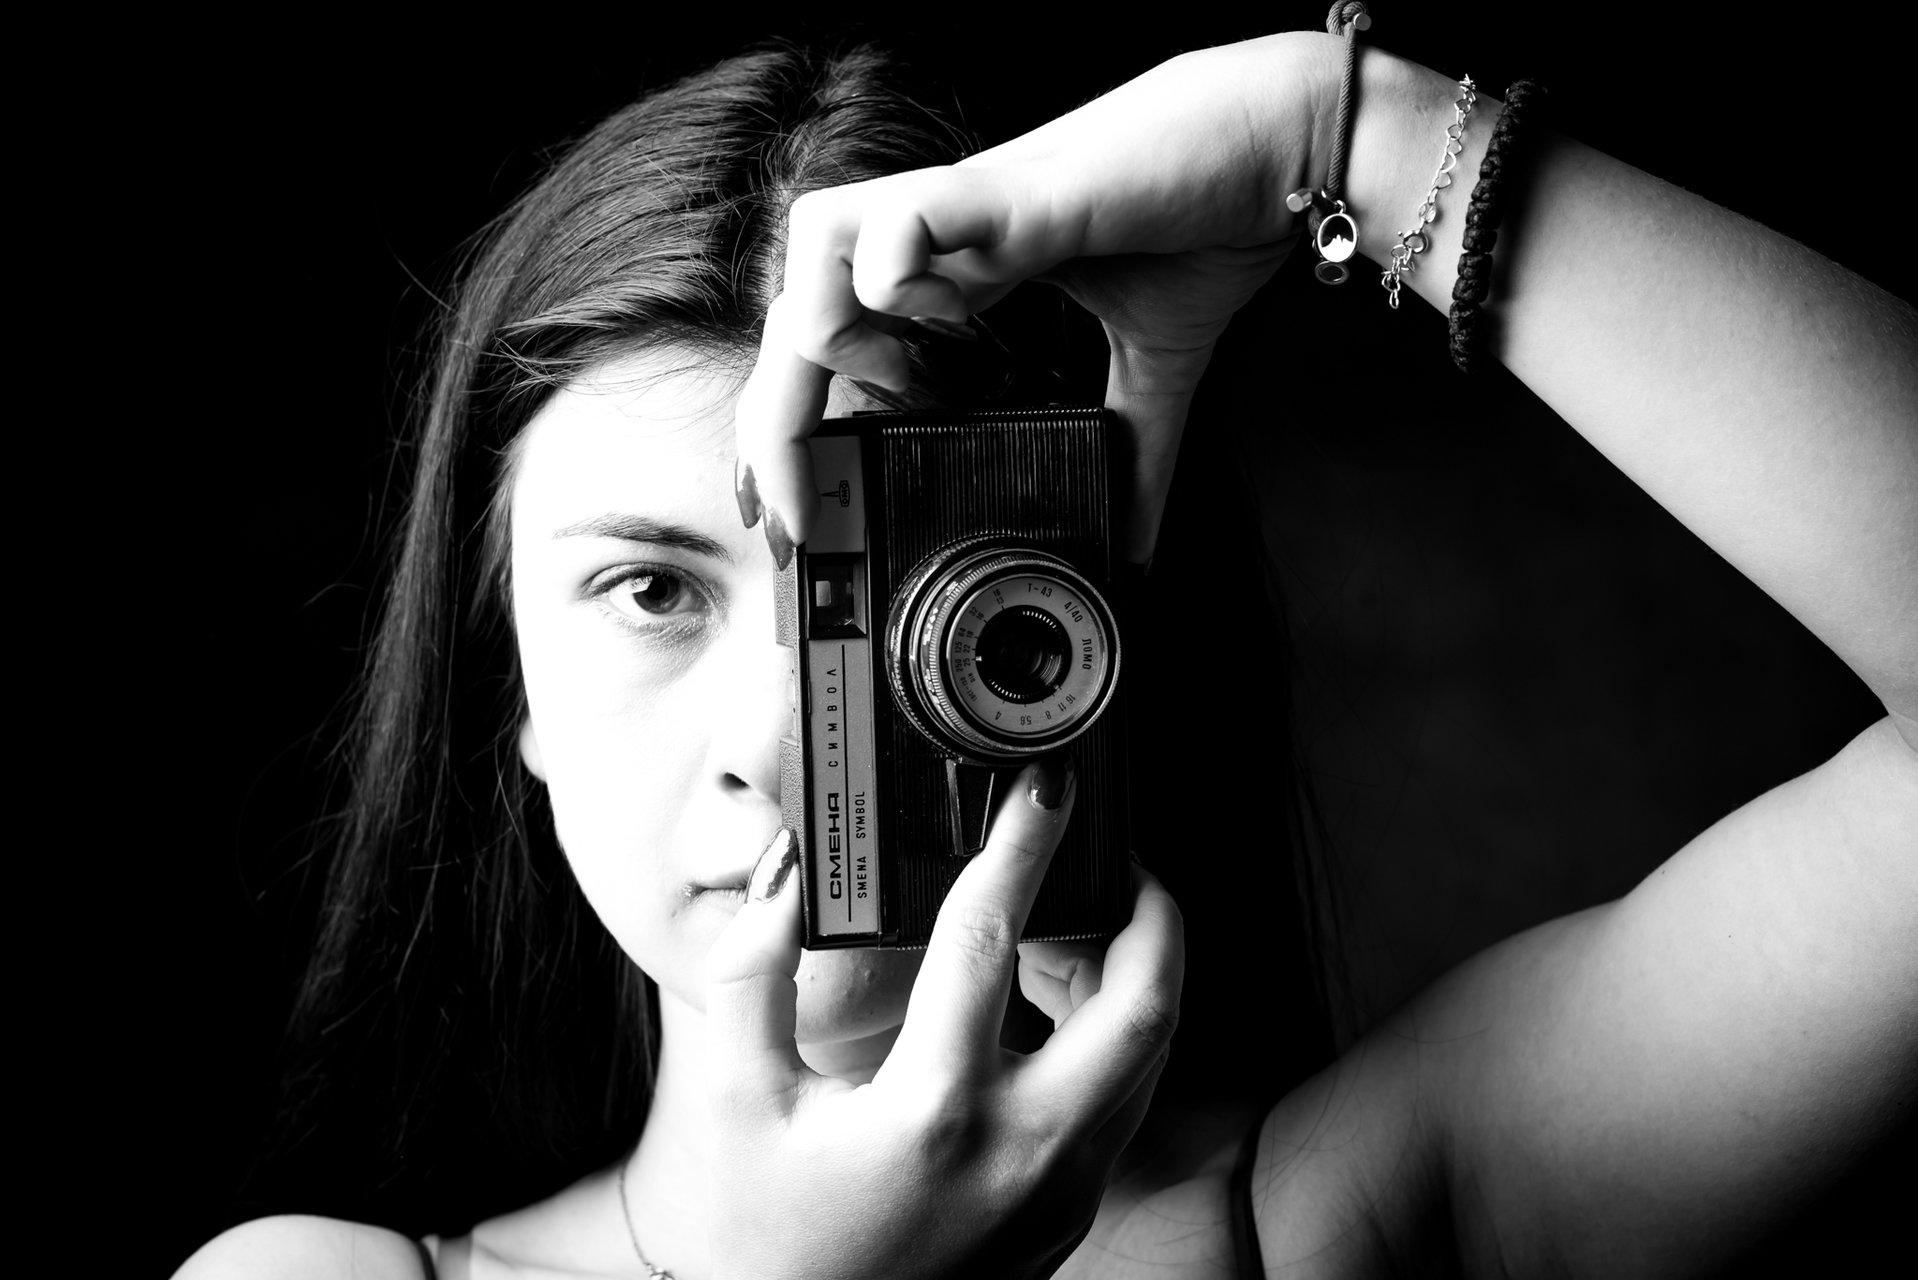 Смяна ... | Author Никола Зафиров - starswriter | PHOTO FORUM